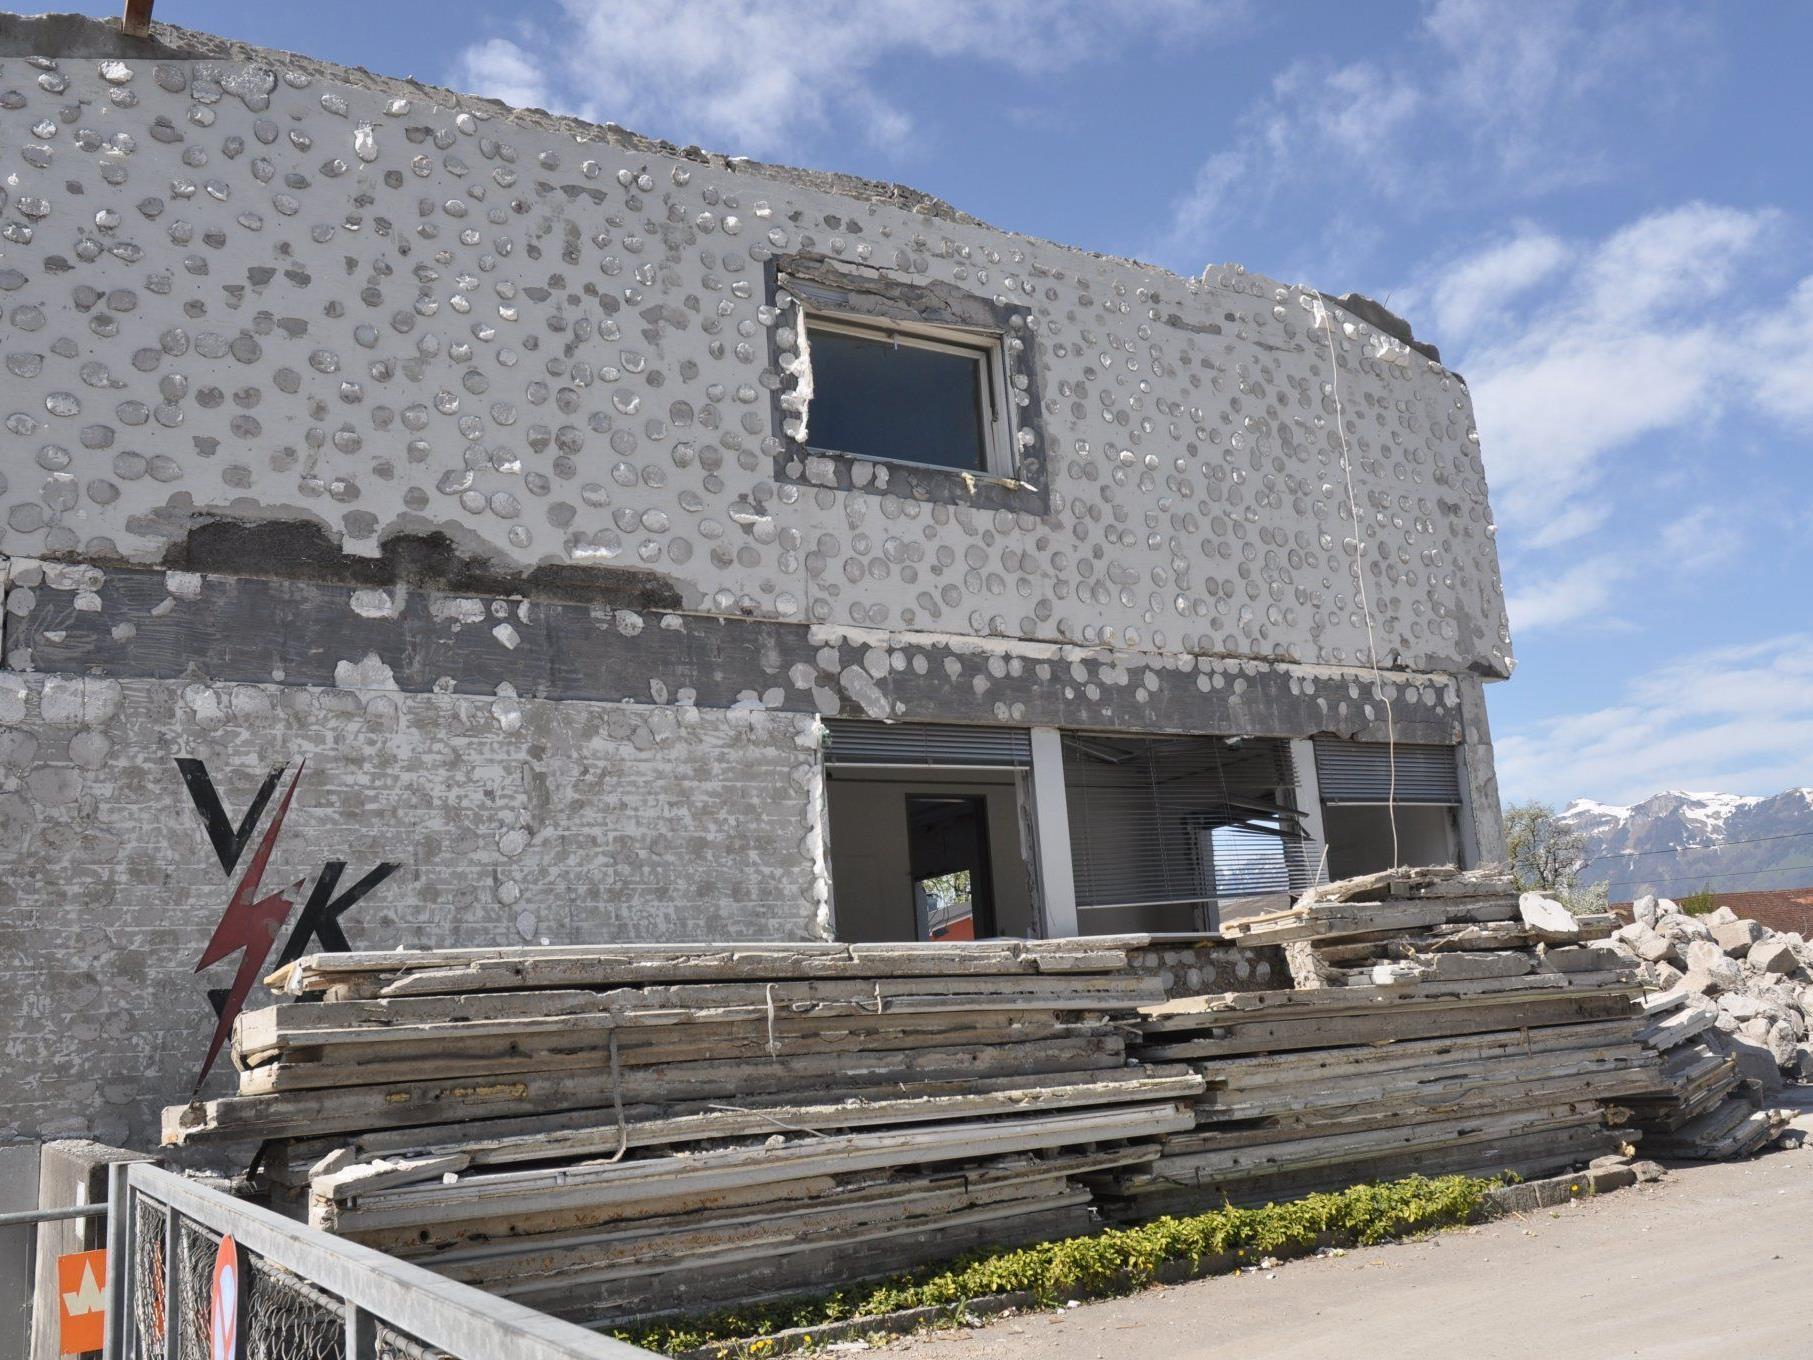 Das ehemalige VKW Gebäude fällt der Spitzhacke zum Opfer.